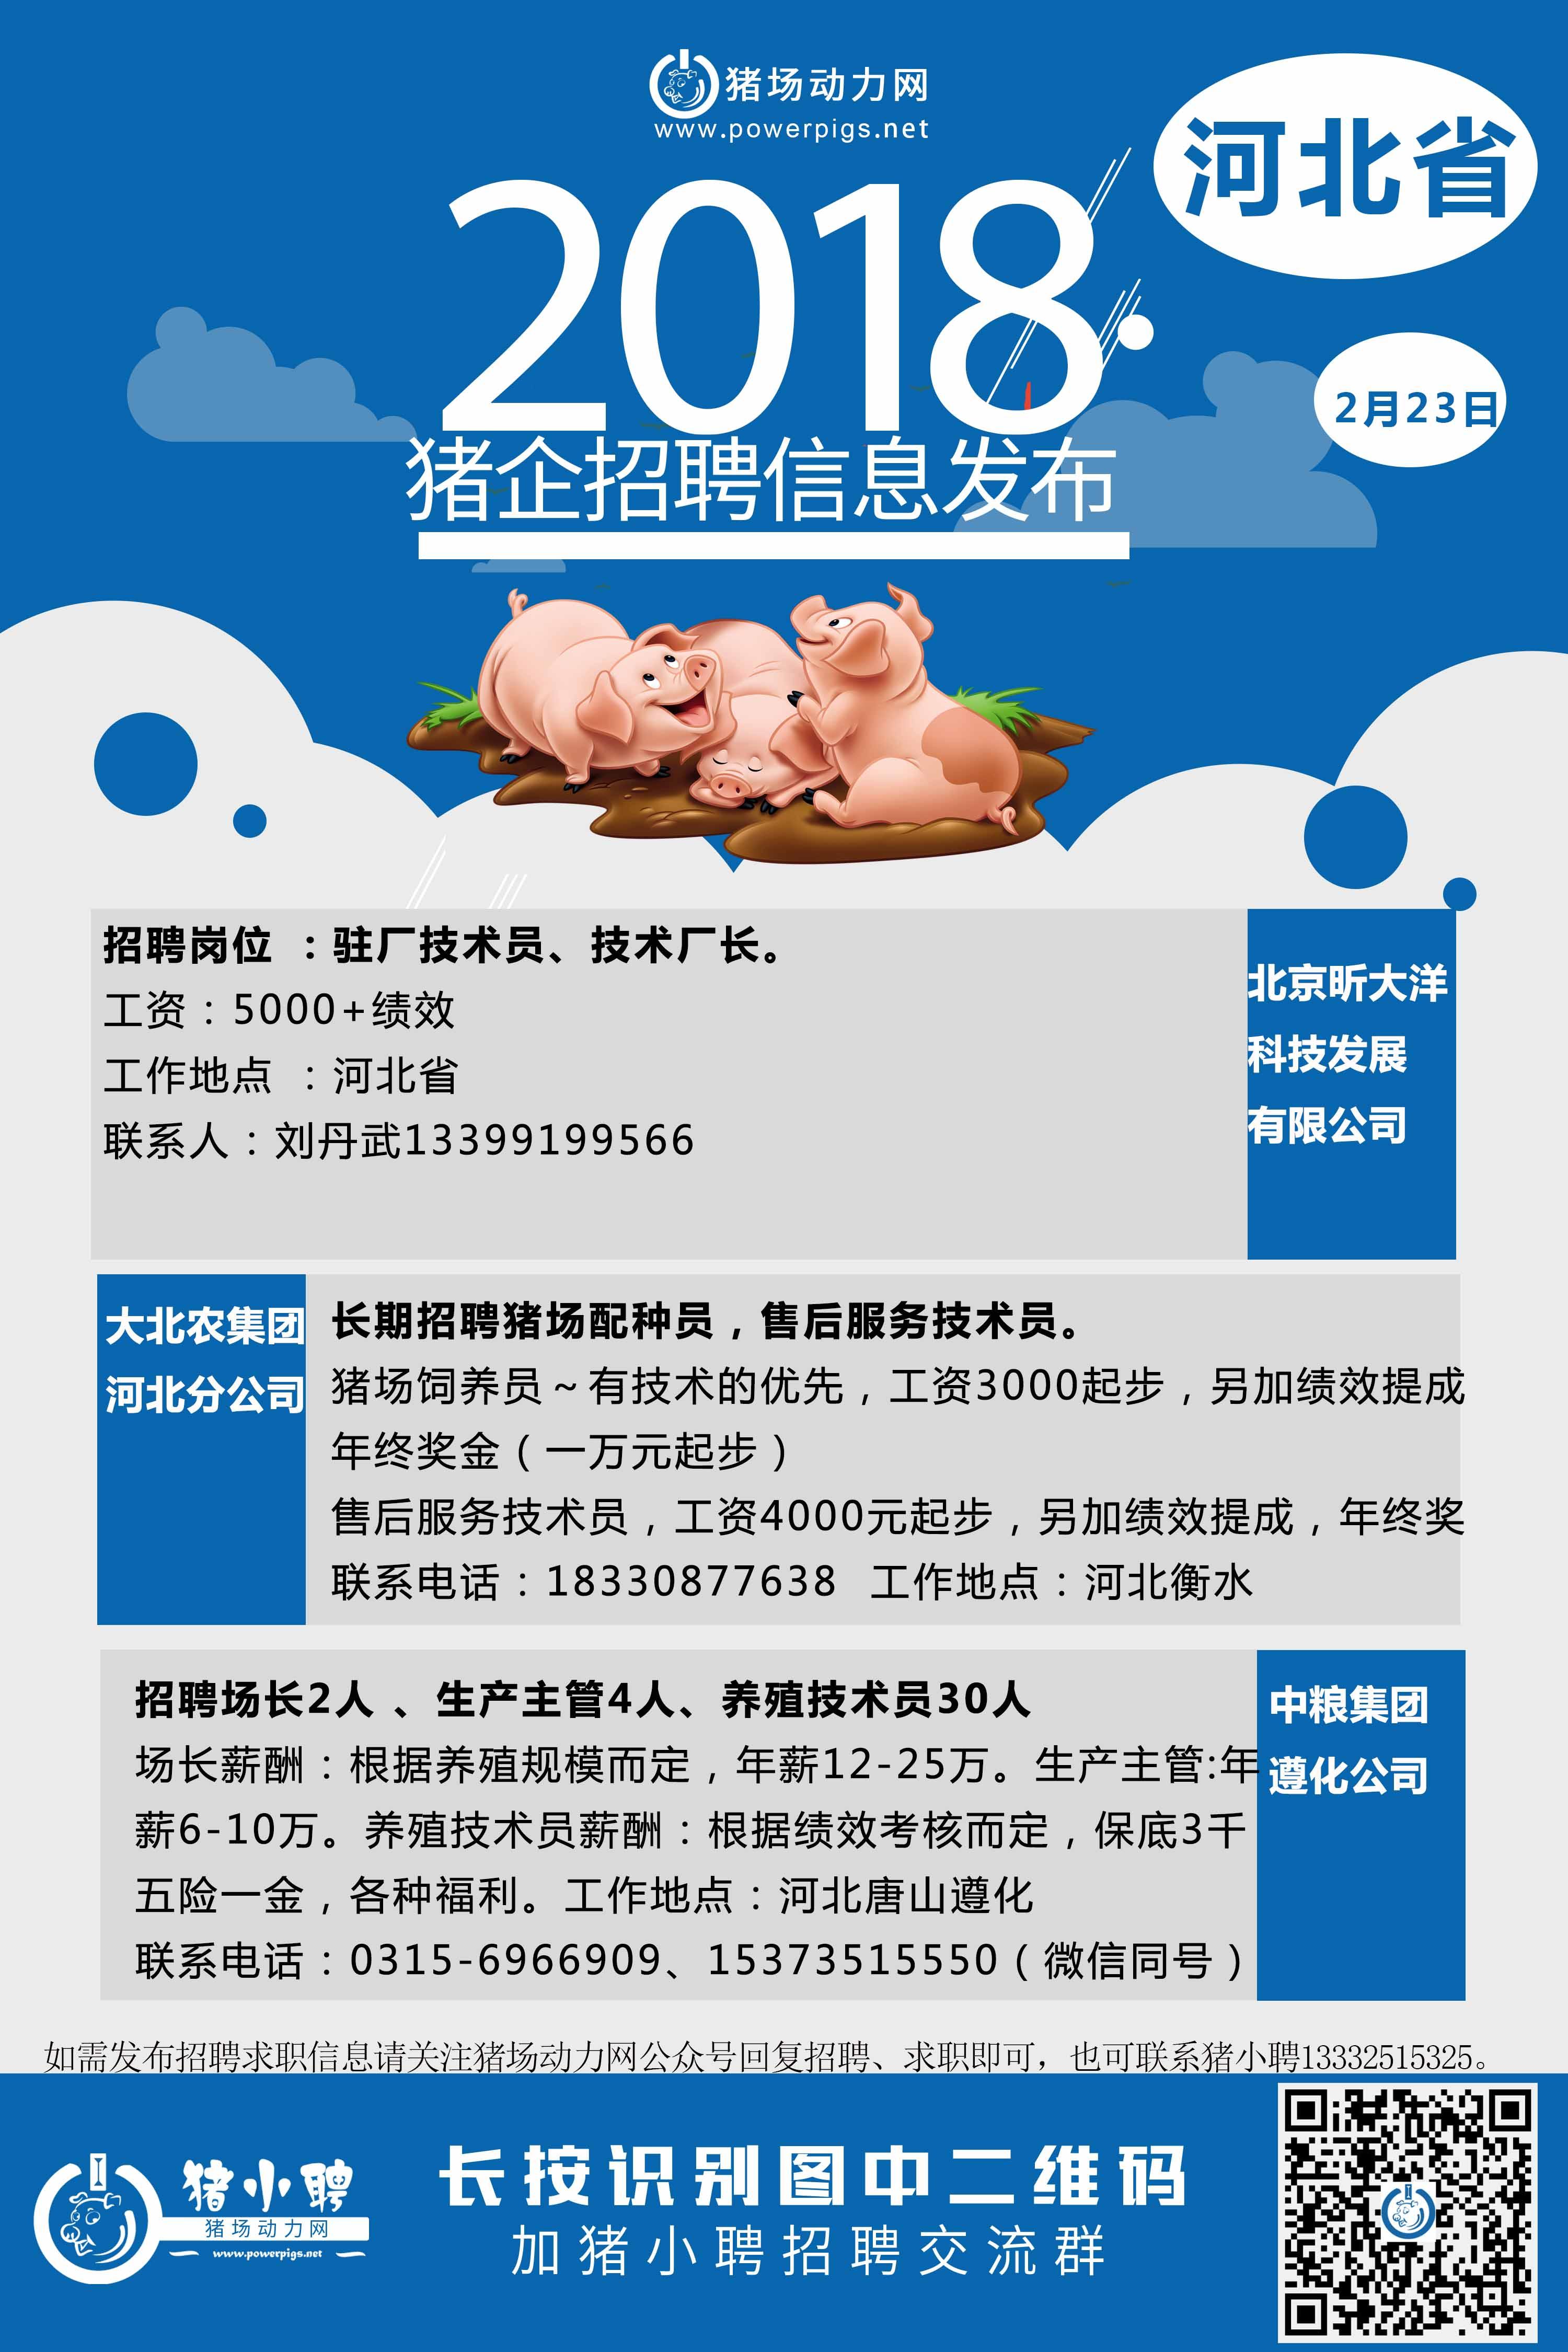 2.23日 河北猪场招聘 1.jpg